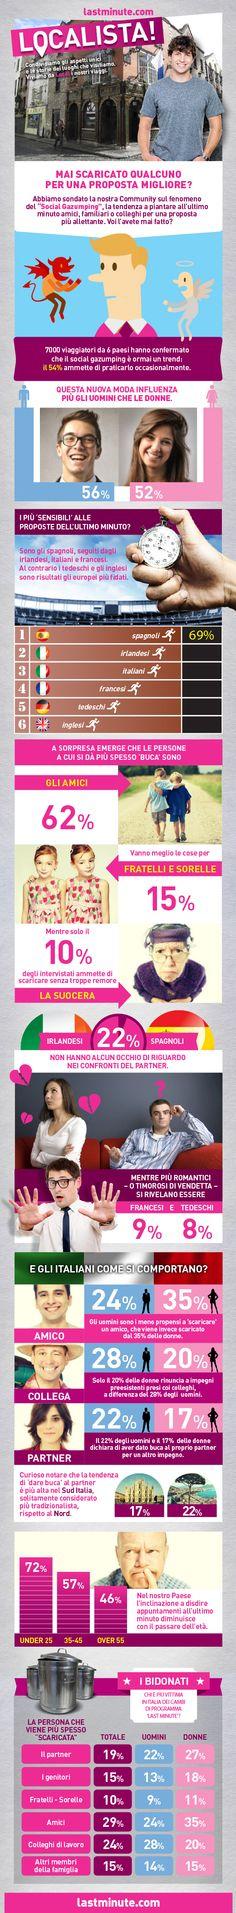 """Il fenomeno del """"Social Gazumping"""", ovvero la tendenza a piantare in asso amici, parenti & co. per una proposta allettante sta diventando un vero trend. E voi l'avete mai fatto? #Localista #lastminute.com #Italia #thegoodones #viaggi"""